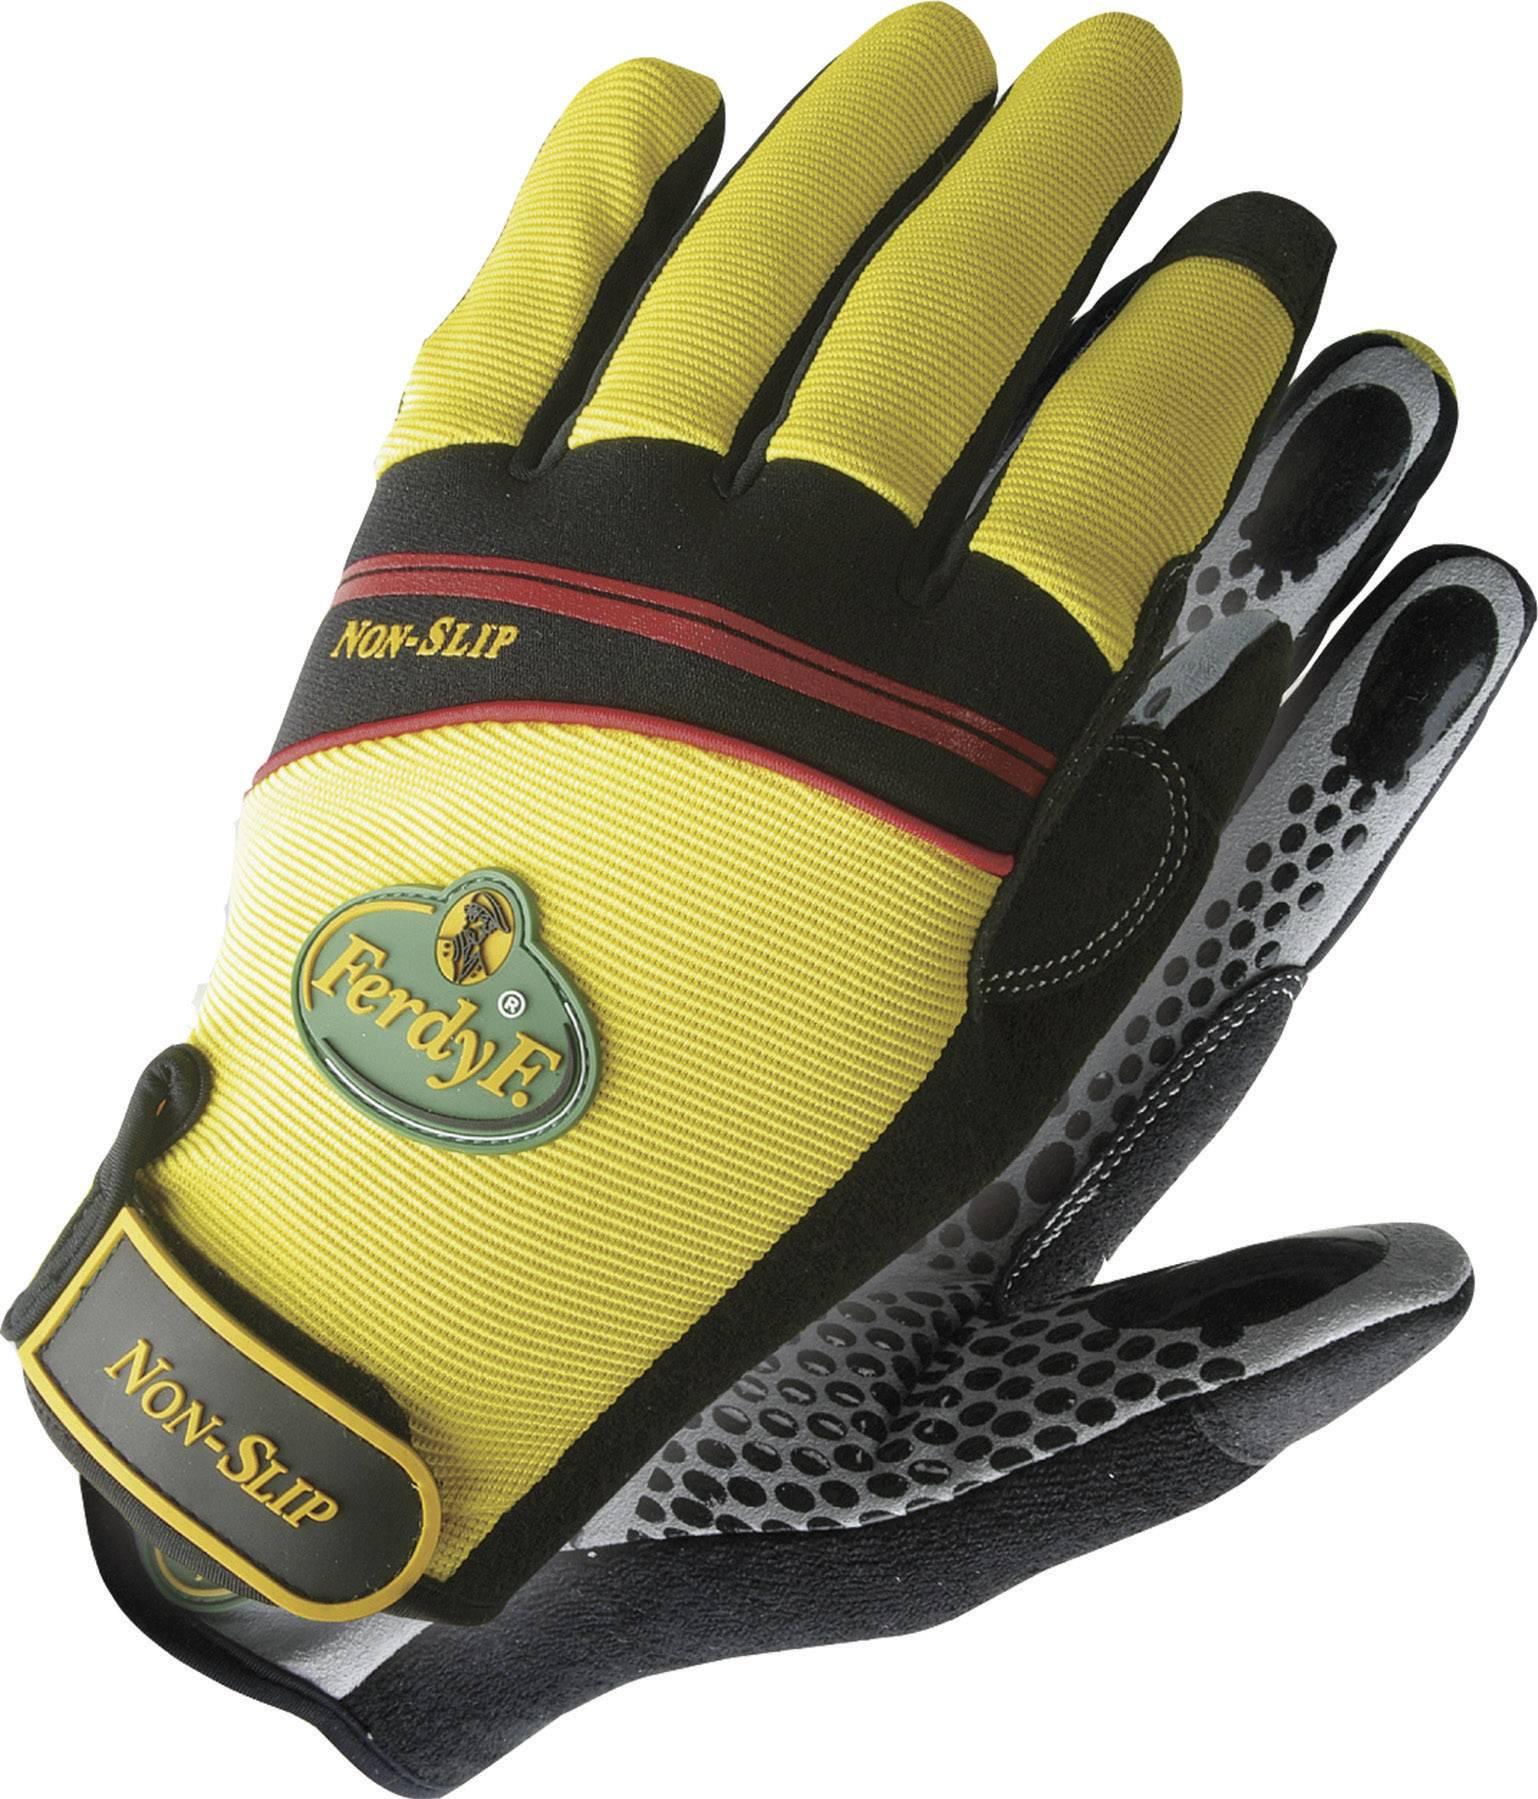 Pracovní rukavice CLARINOR, s protisluzovými dlaněmi, velikost L (9)